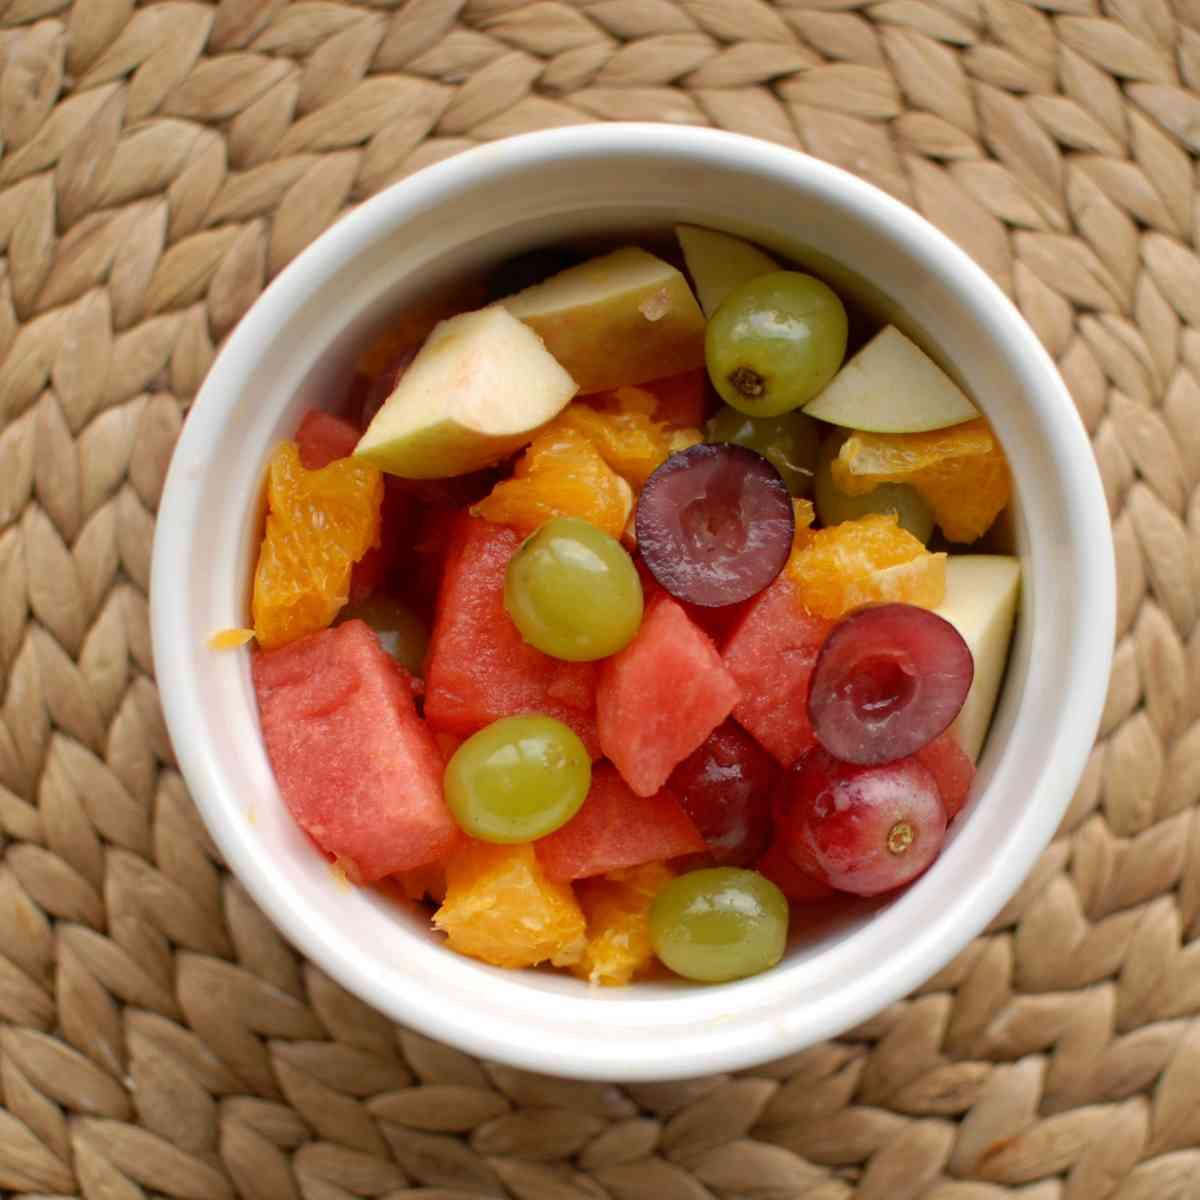 Ovocný salát velký